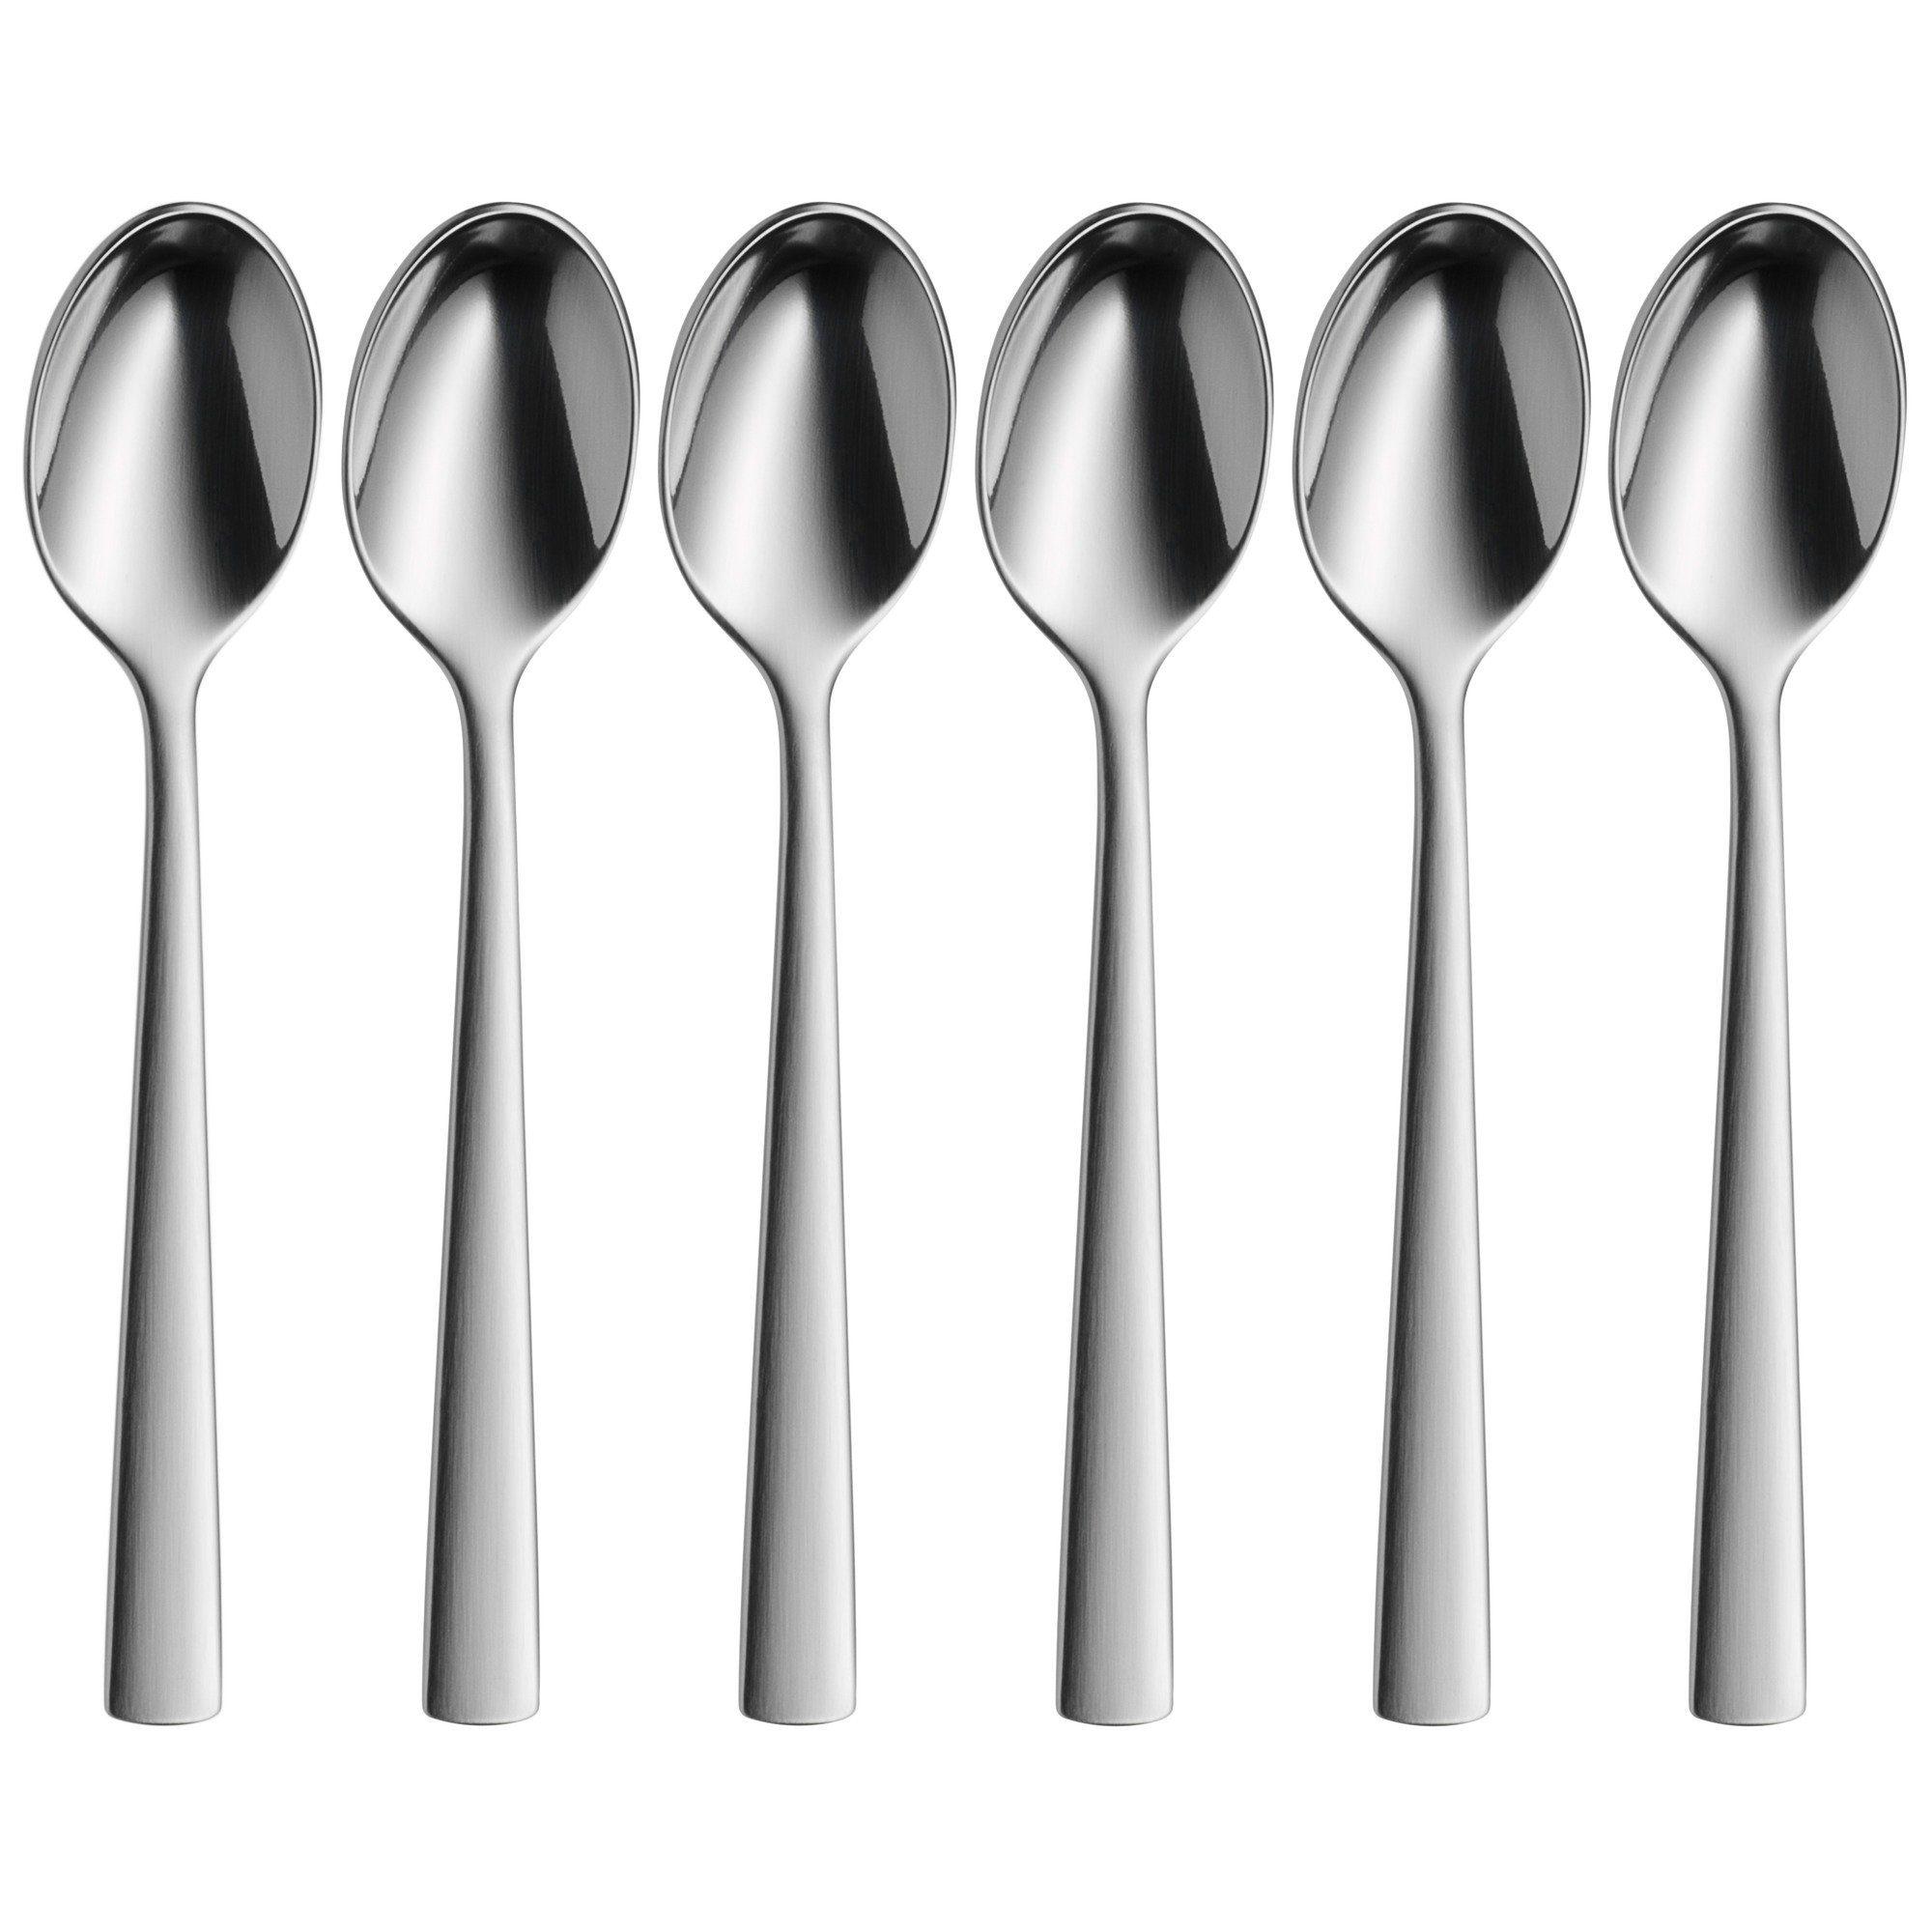 WMF Espressolöffel Corvo Wohnen/Haushalt/Haushaltswaren/Besteck & Messer/Besteck-Einzelteile